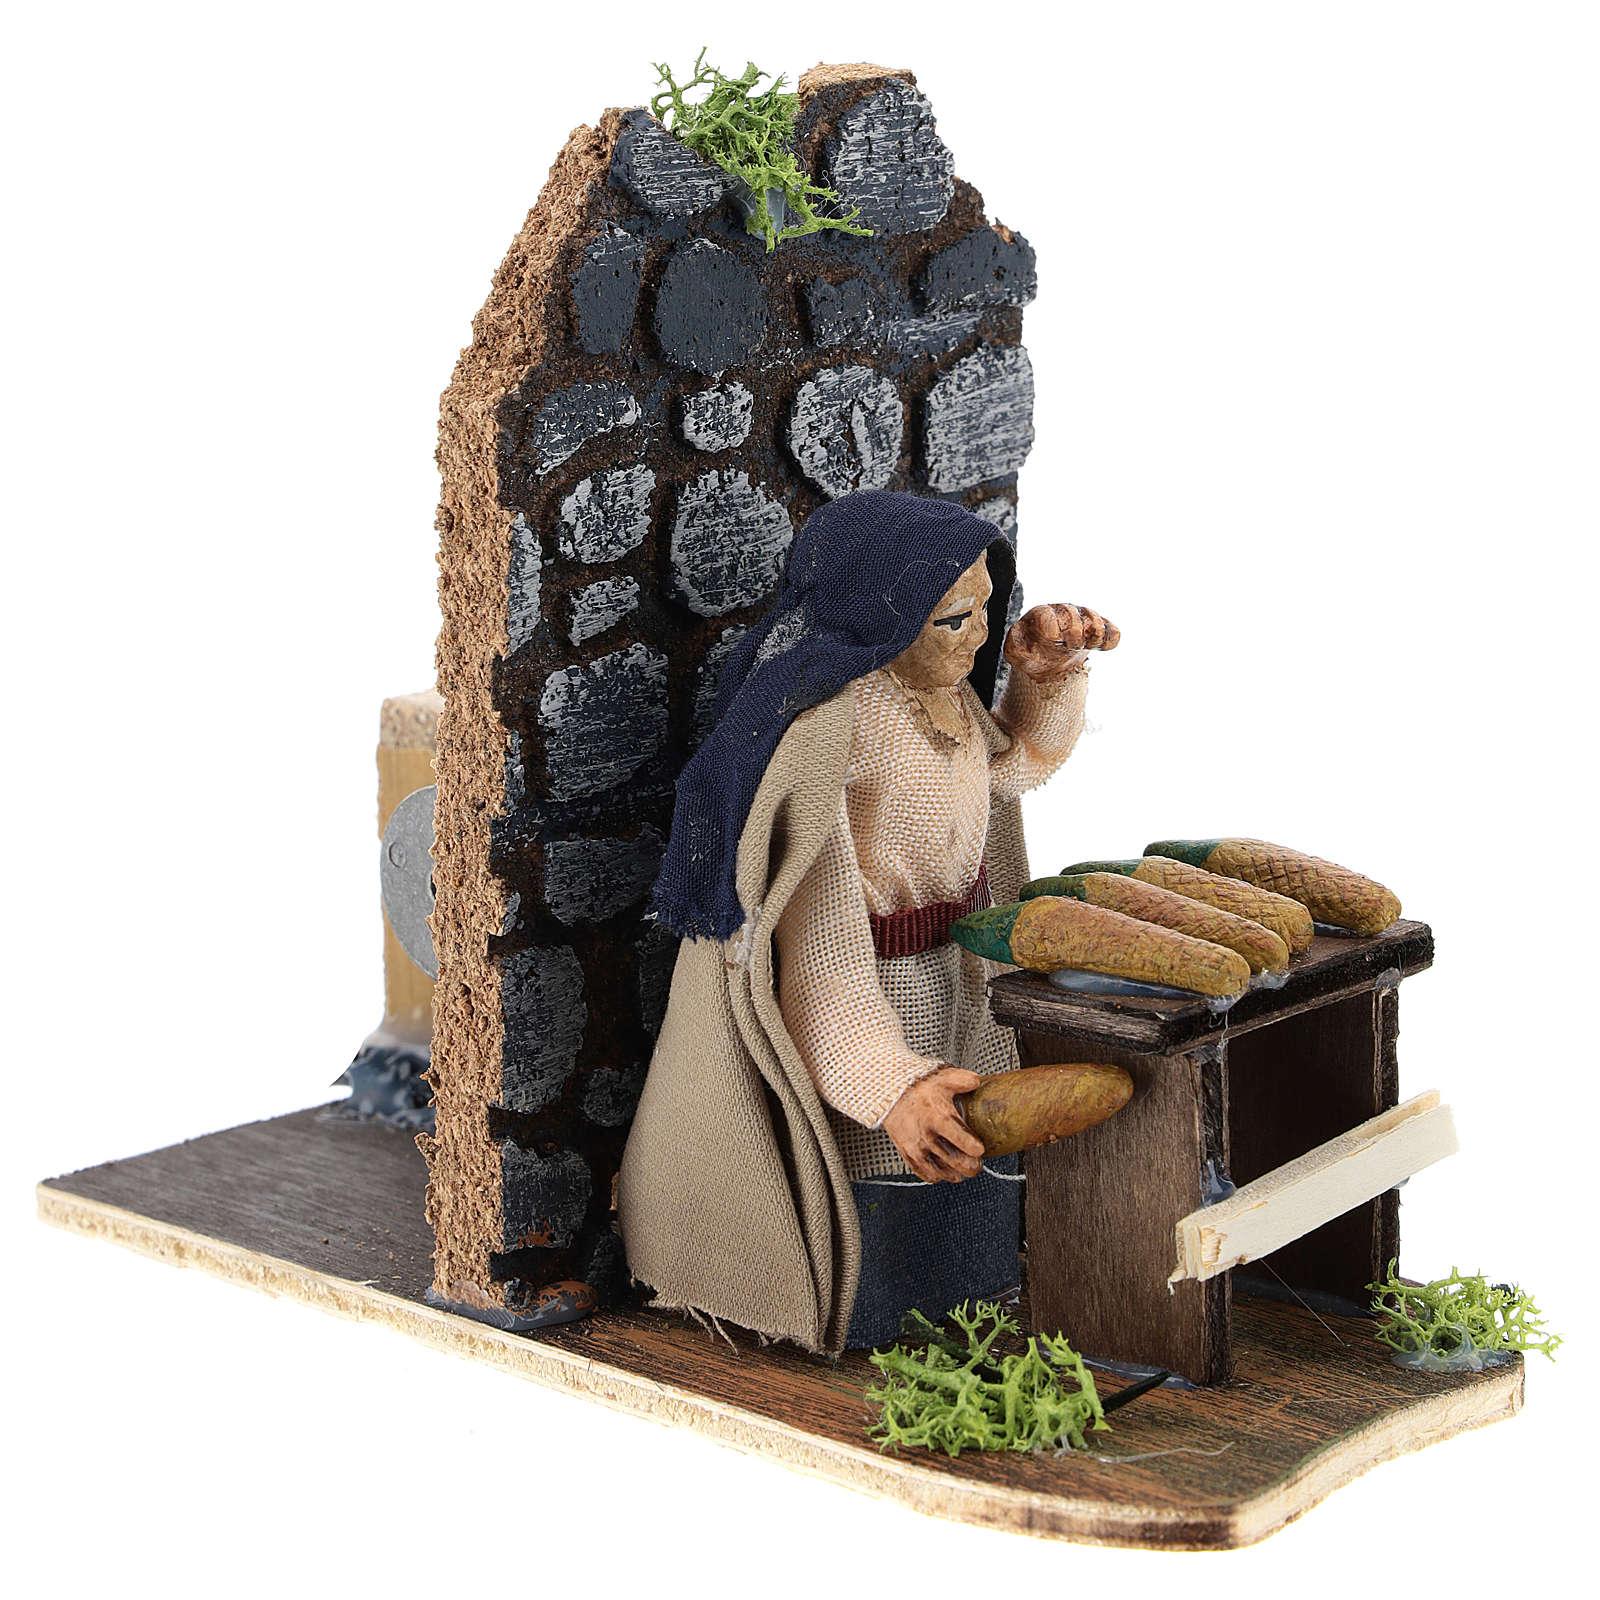 Moving corncob seller for Neapolitan Nativity Scene 7 cm 4